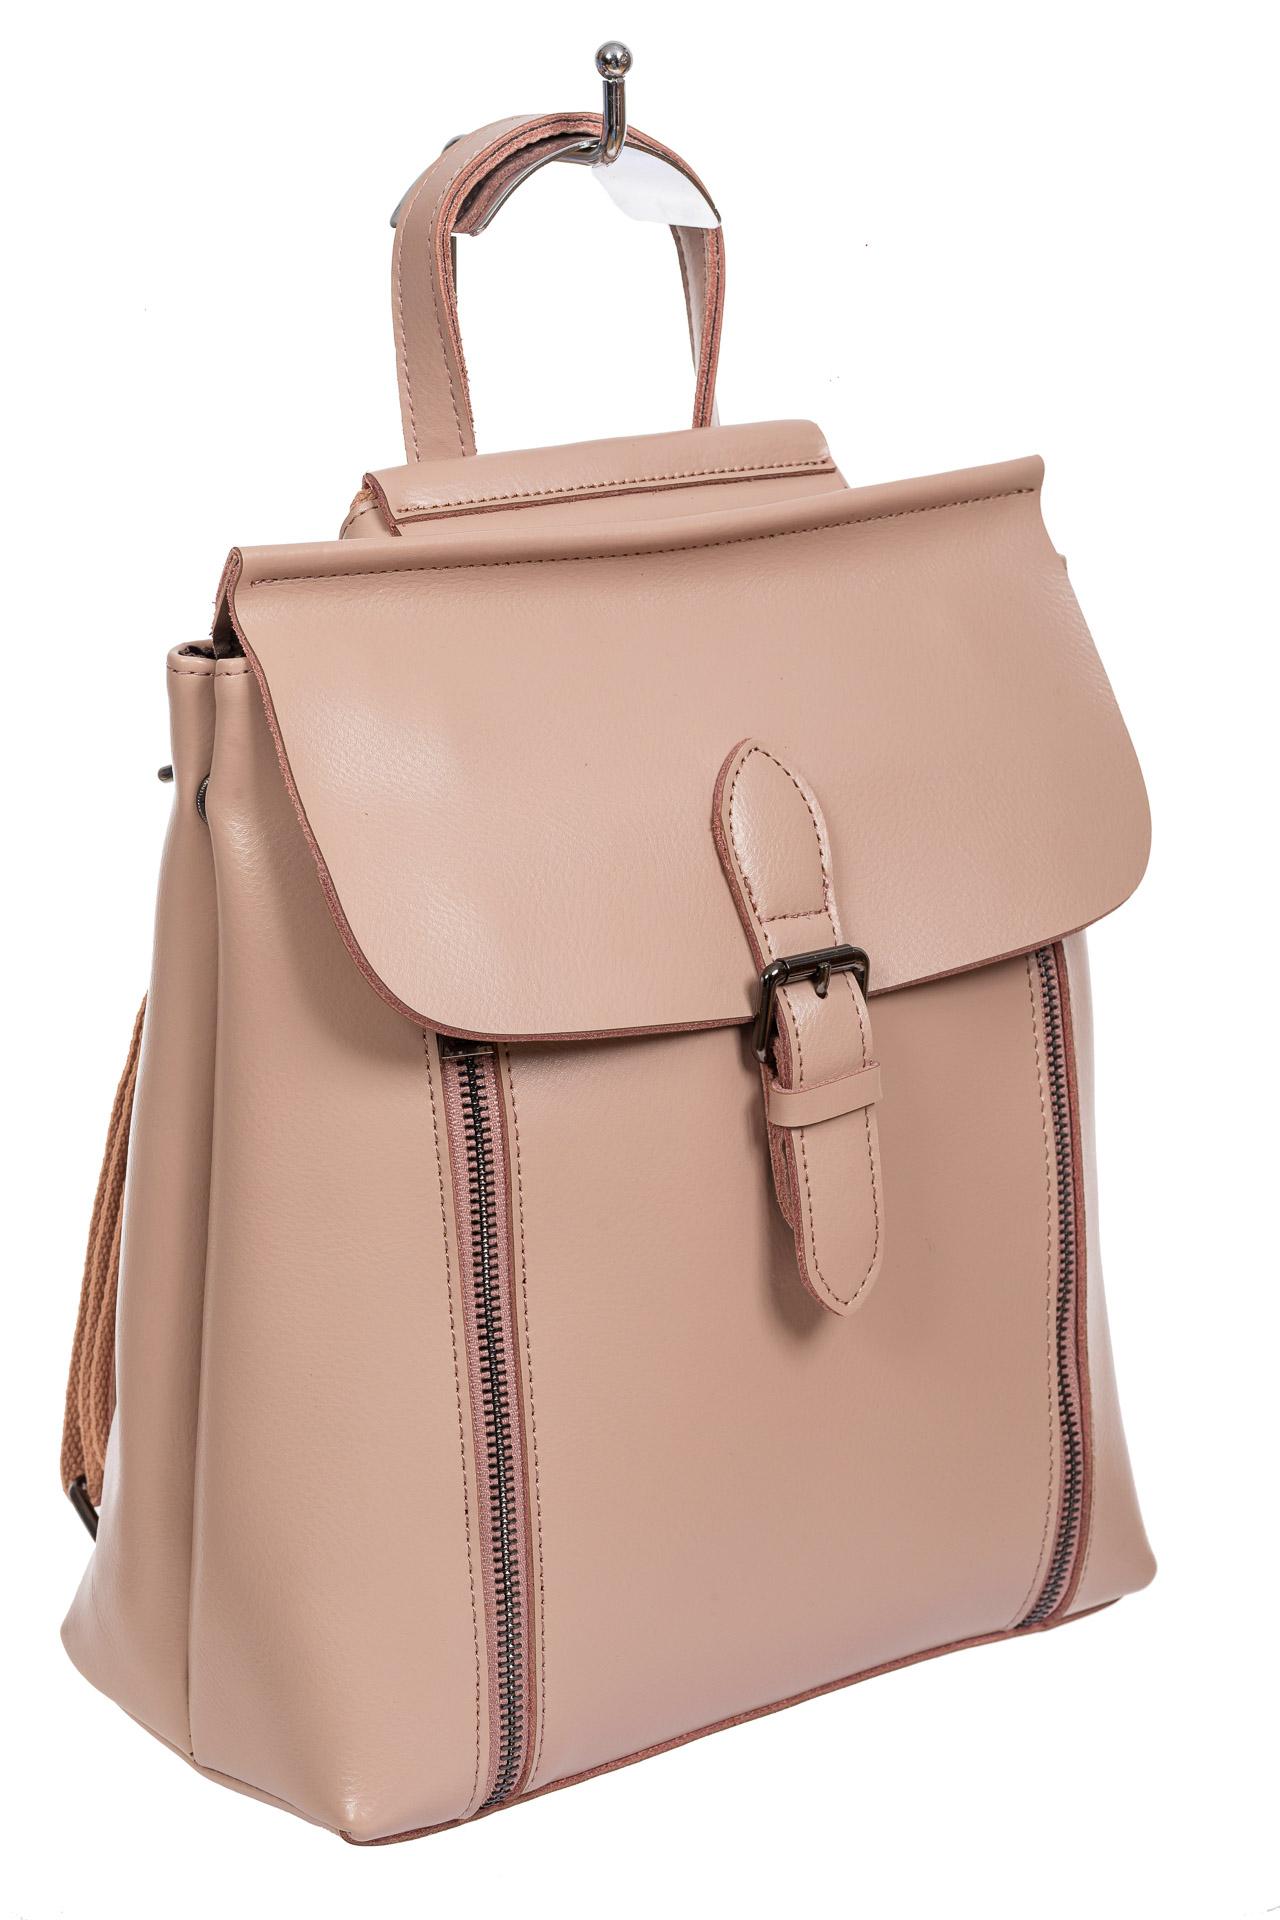 Кожаный рюкзак-трансформер, цвет пыльная роза